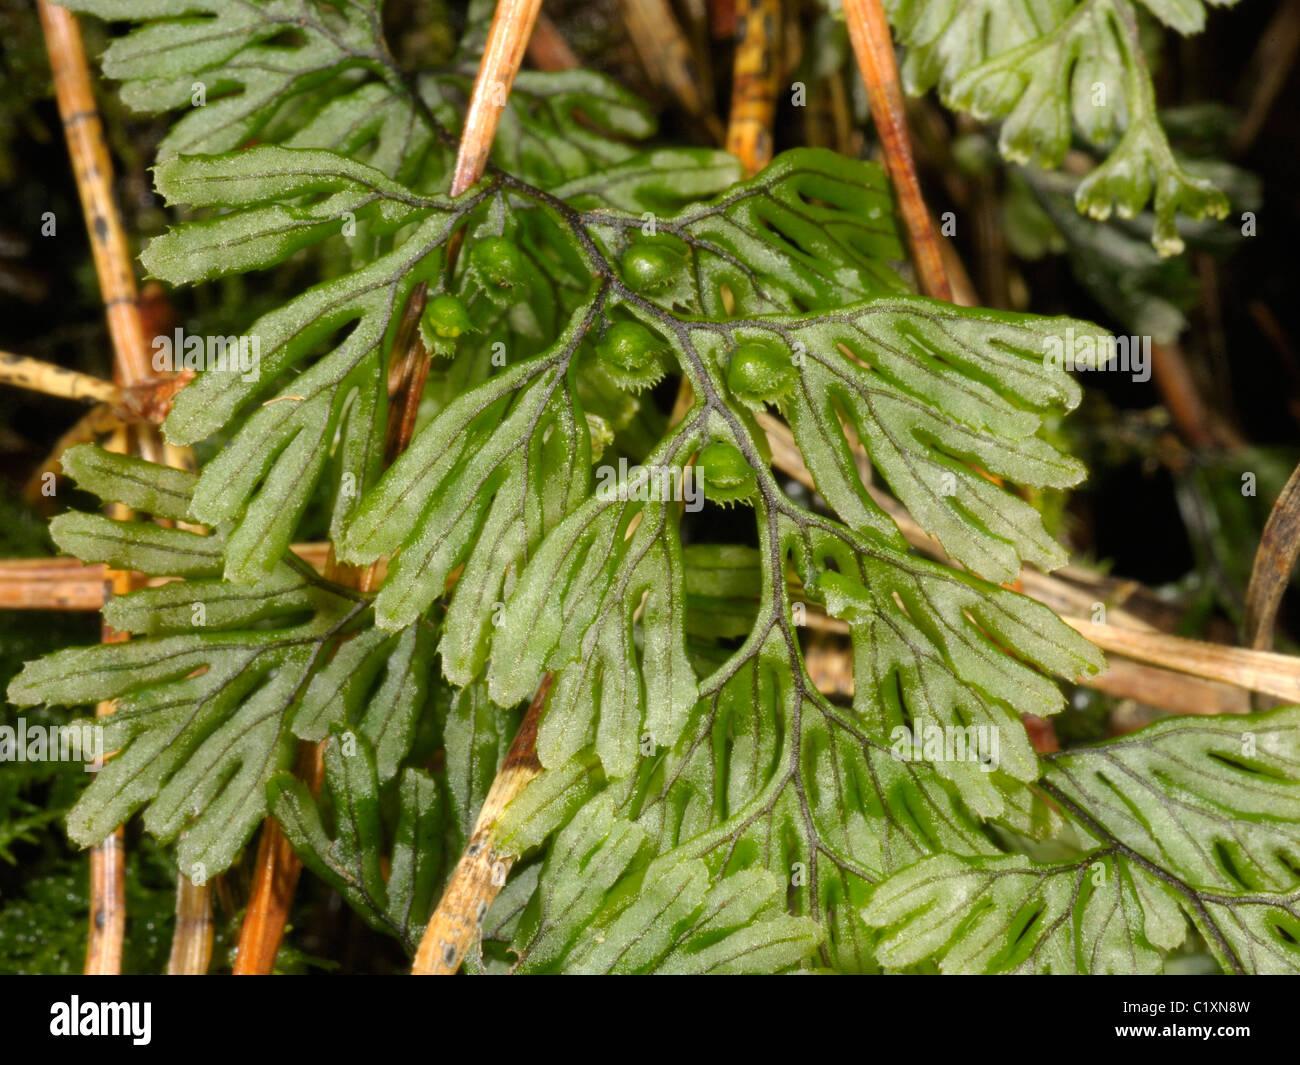 Tunbridge Filmy-fern, hymenophyllum tunbrigense - Stock Image